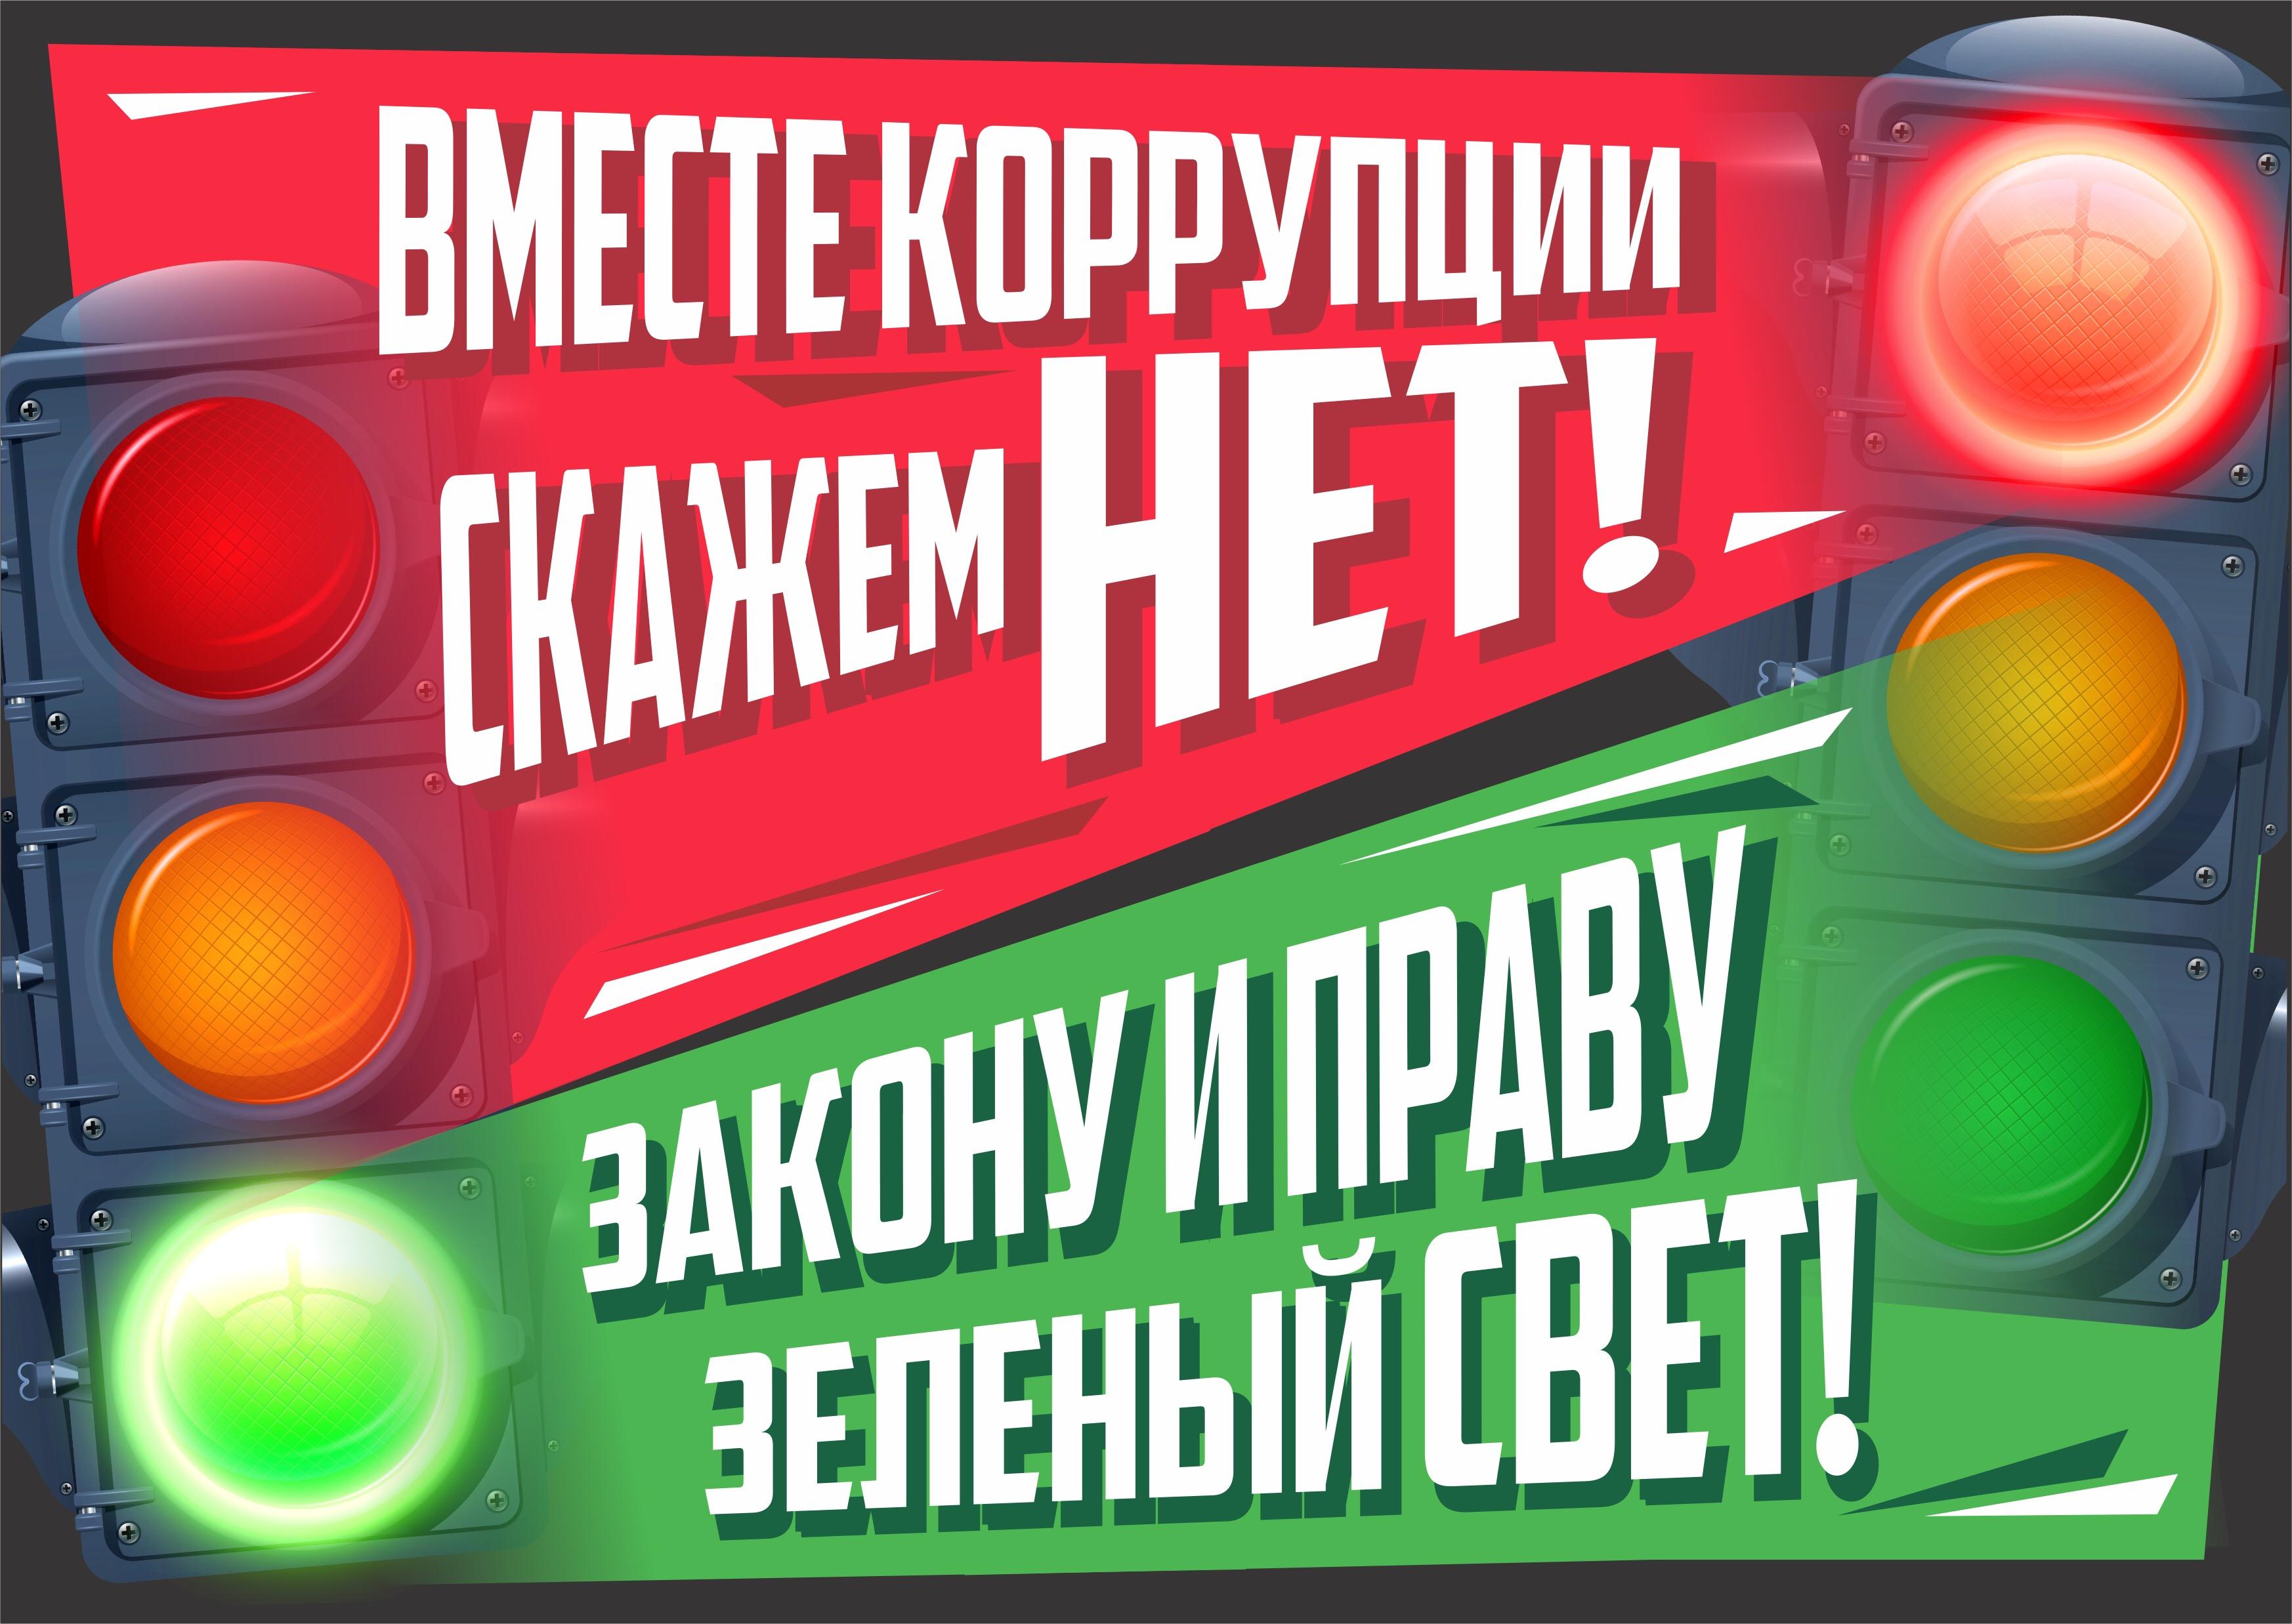 2.Жолнин Роман 17 лет г.Нижний Новгород